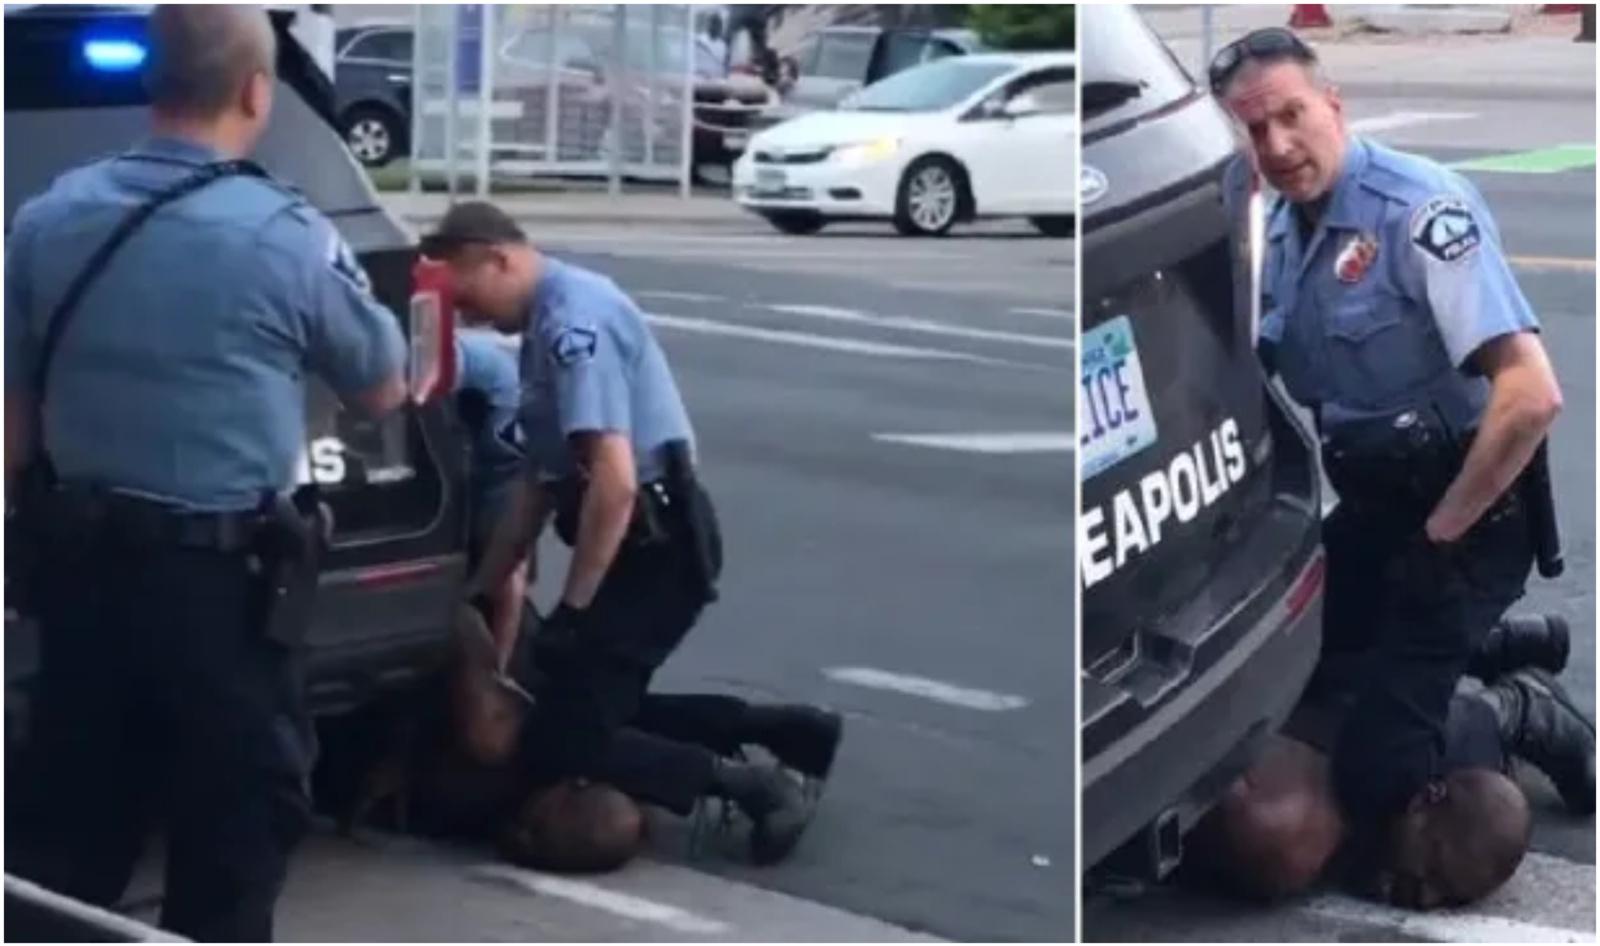 Dėl G. Floydo nužudymo protestuojantys demonstrantai padegė Mineapolio policijos nuovadą